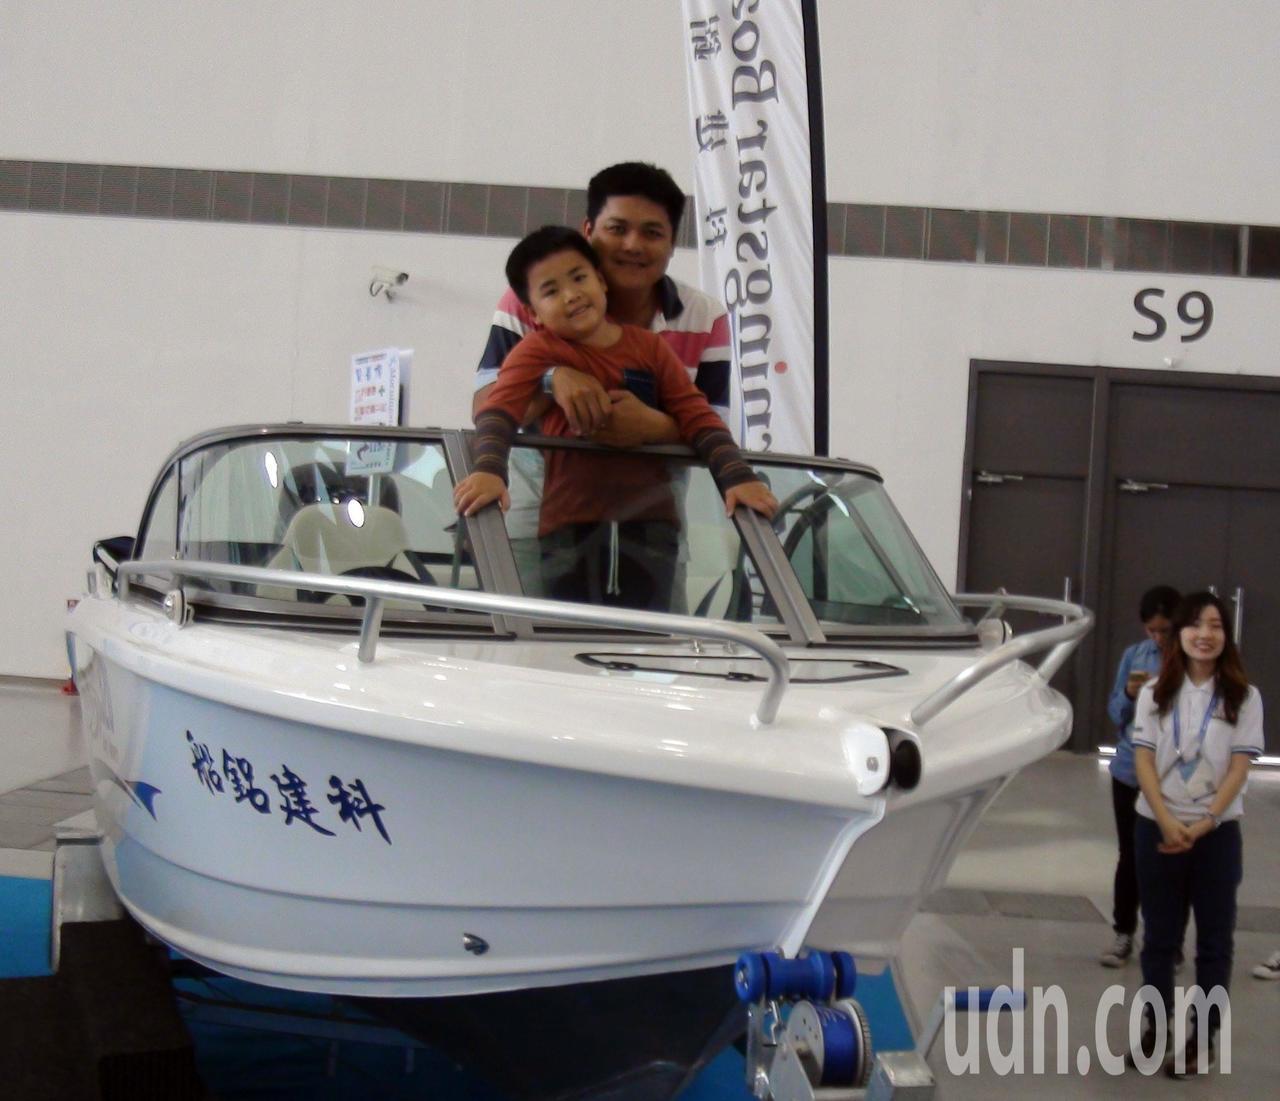 今年遊艇展開放民眾登艇,許多遊客樂翻。記者王昭月/攝影